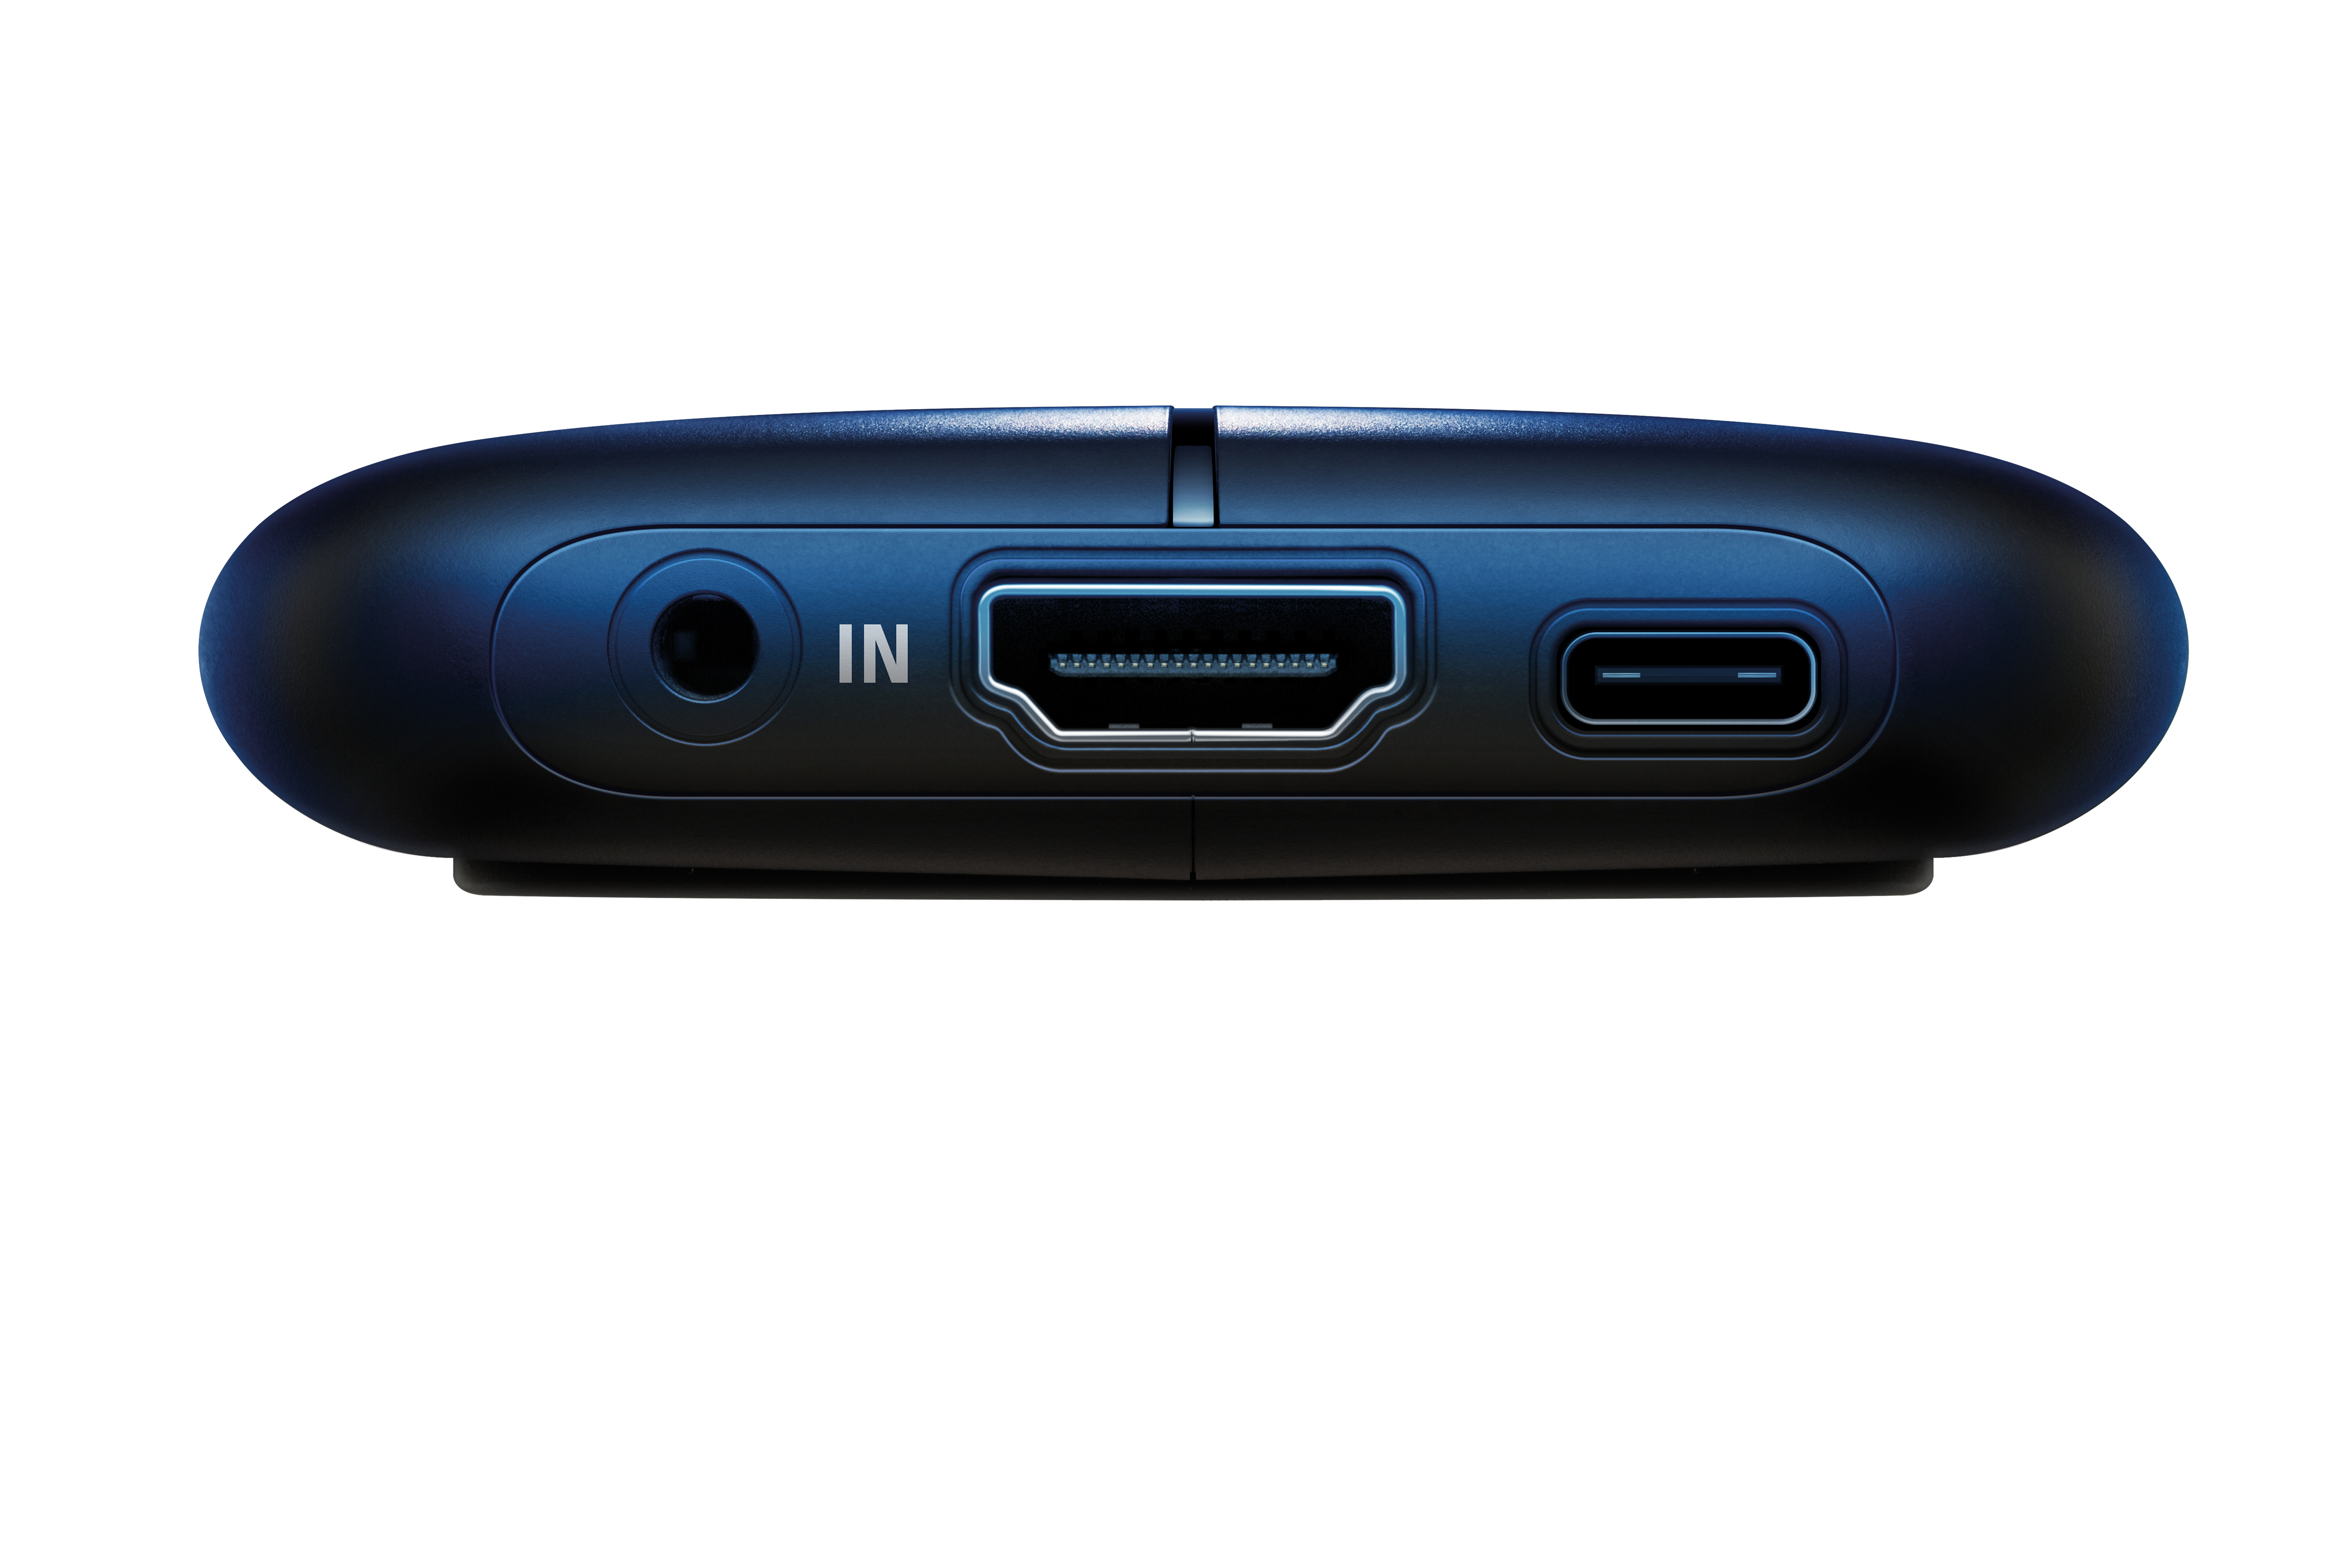 HD60 S+ sisältää HDMI ja USB-C portit